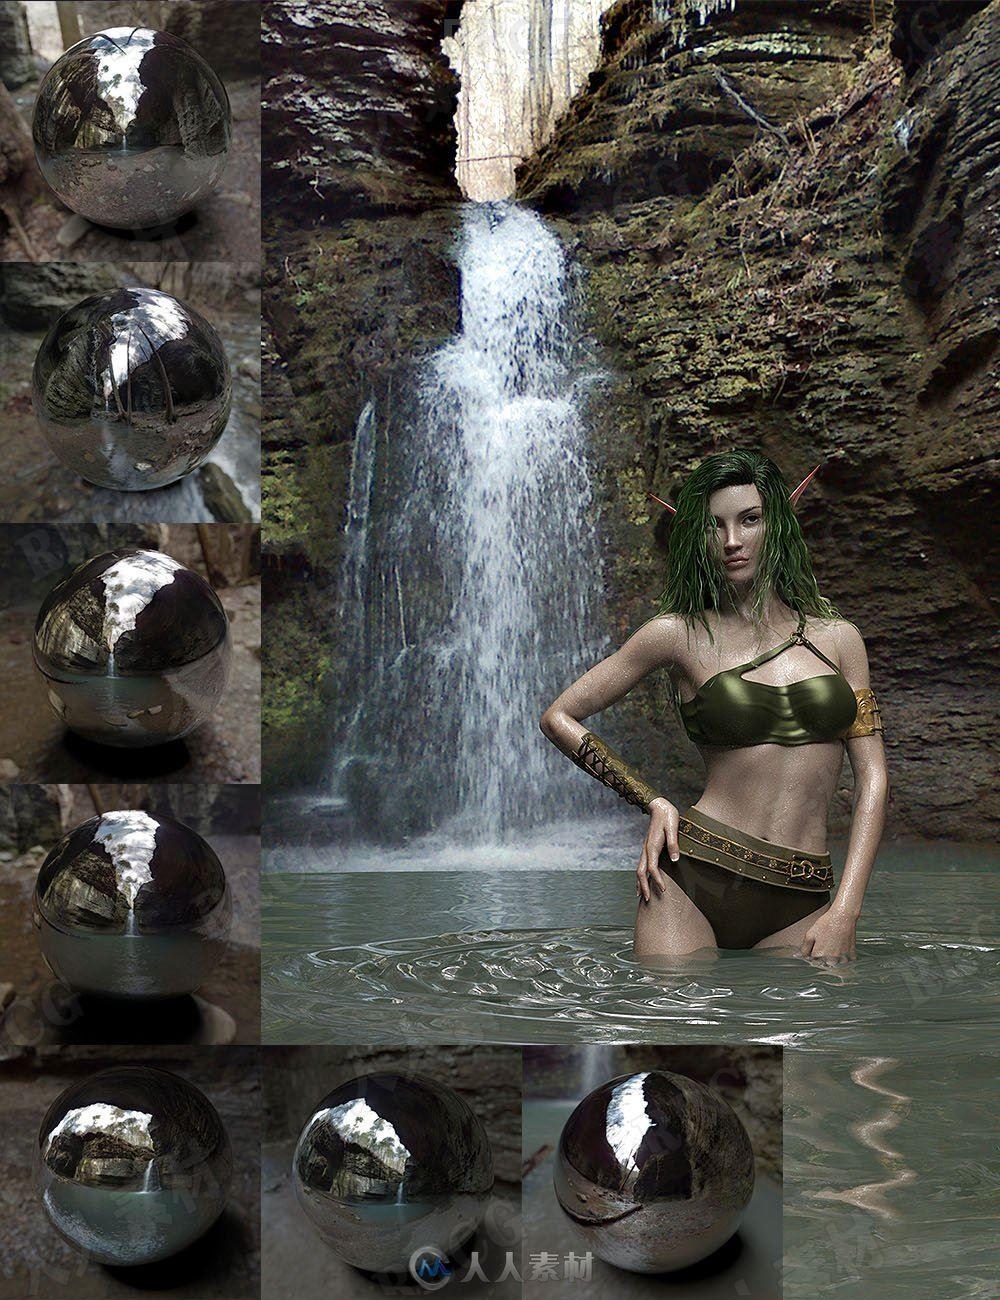 狭窄峡谷石窟瀑布洞穴环境场景3D模型合集